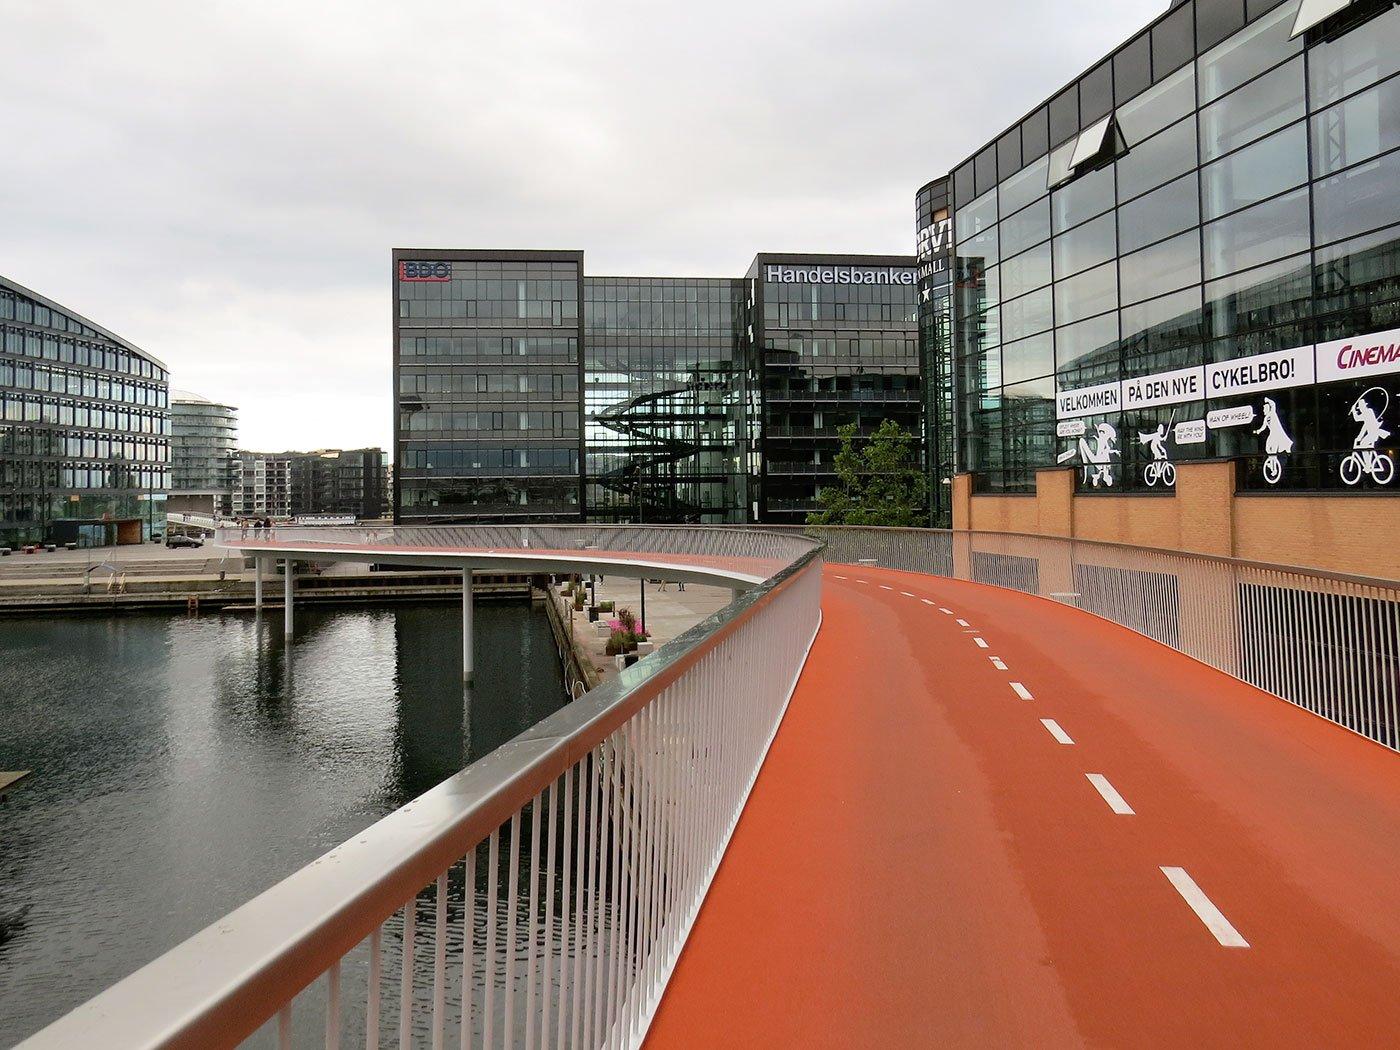 Andere sind schon weiter: Velobrücke in Kopenhagen – in Luzern erst eine vage Idee.